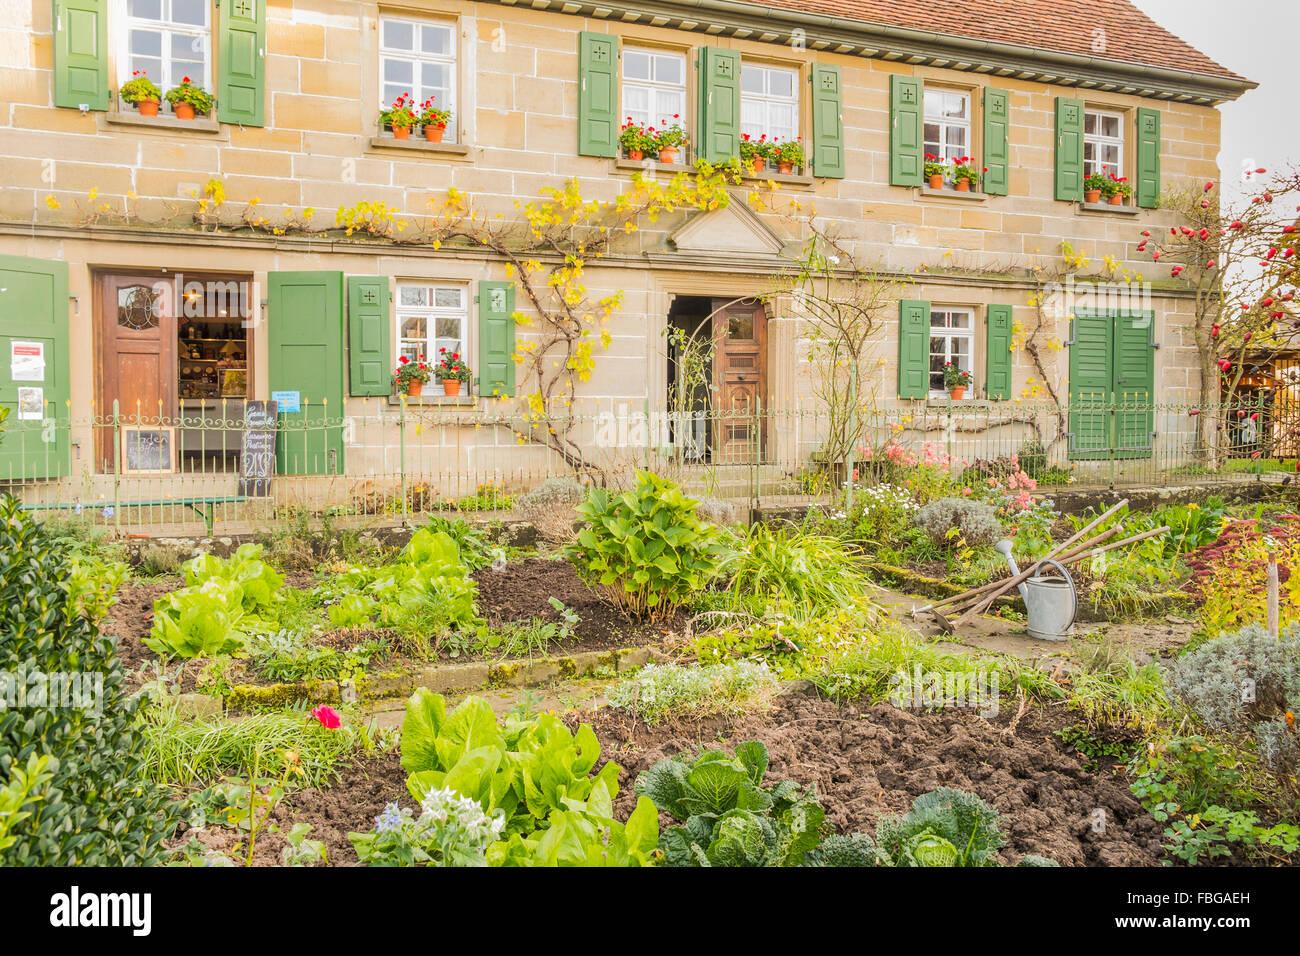 historic village shop, open-air museum, wackershofen, schwaebisch hall, baden-wuerttemberg, germany - Stock Image